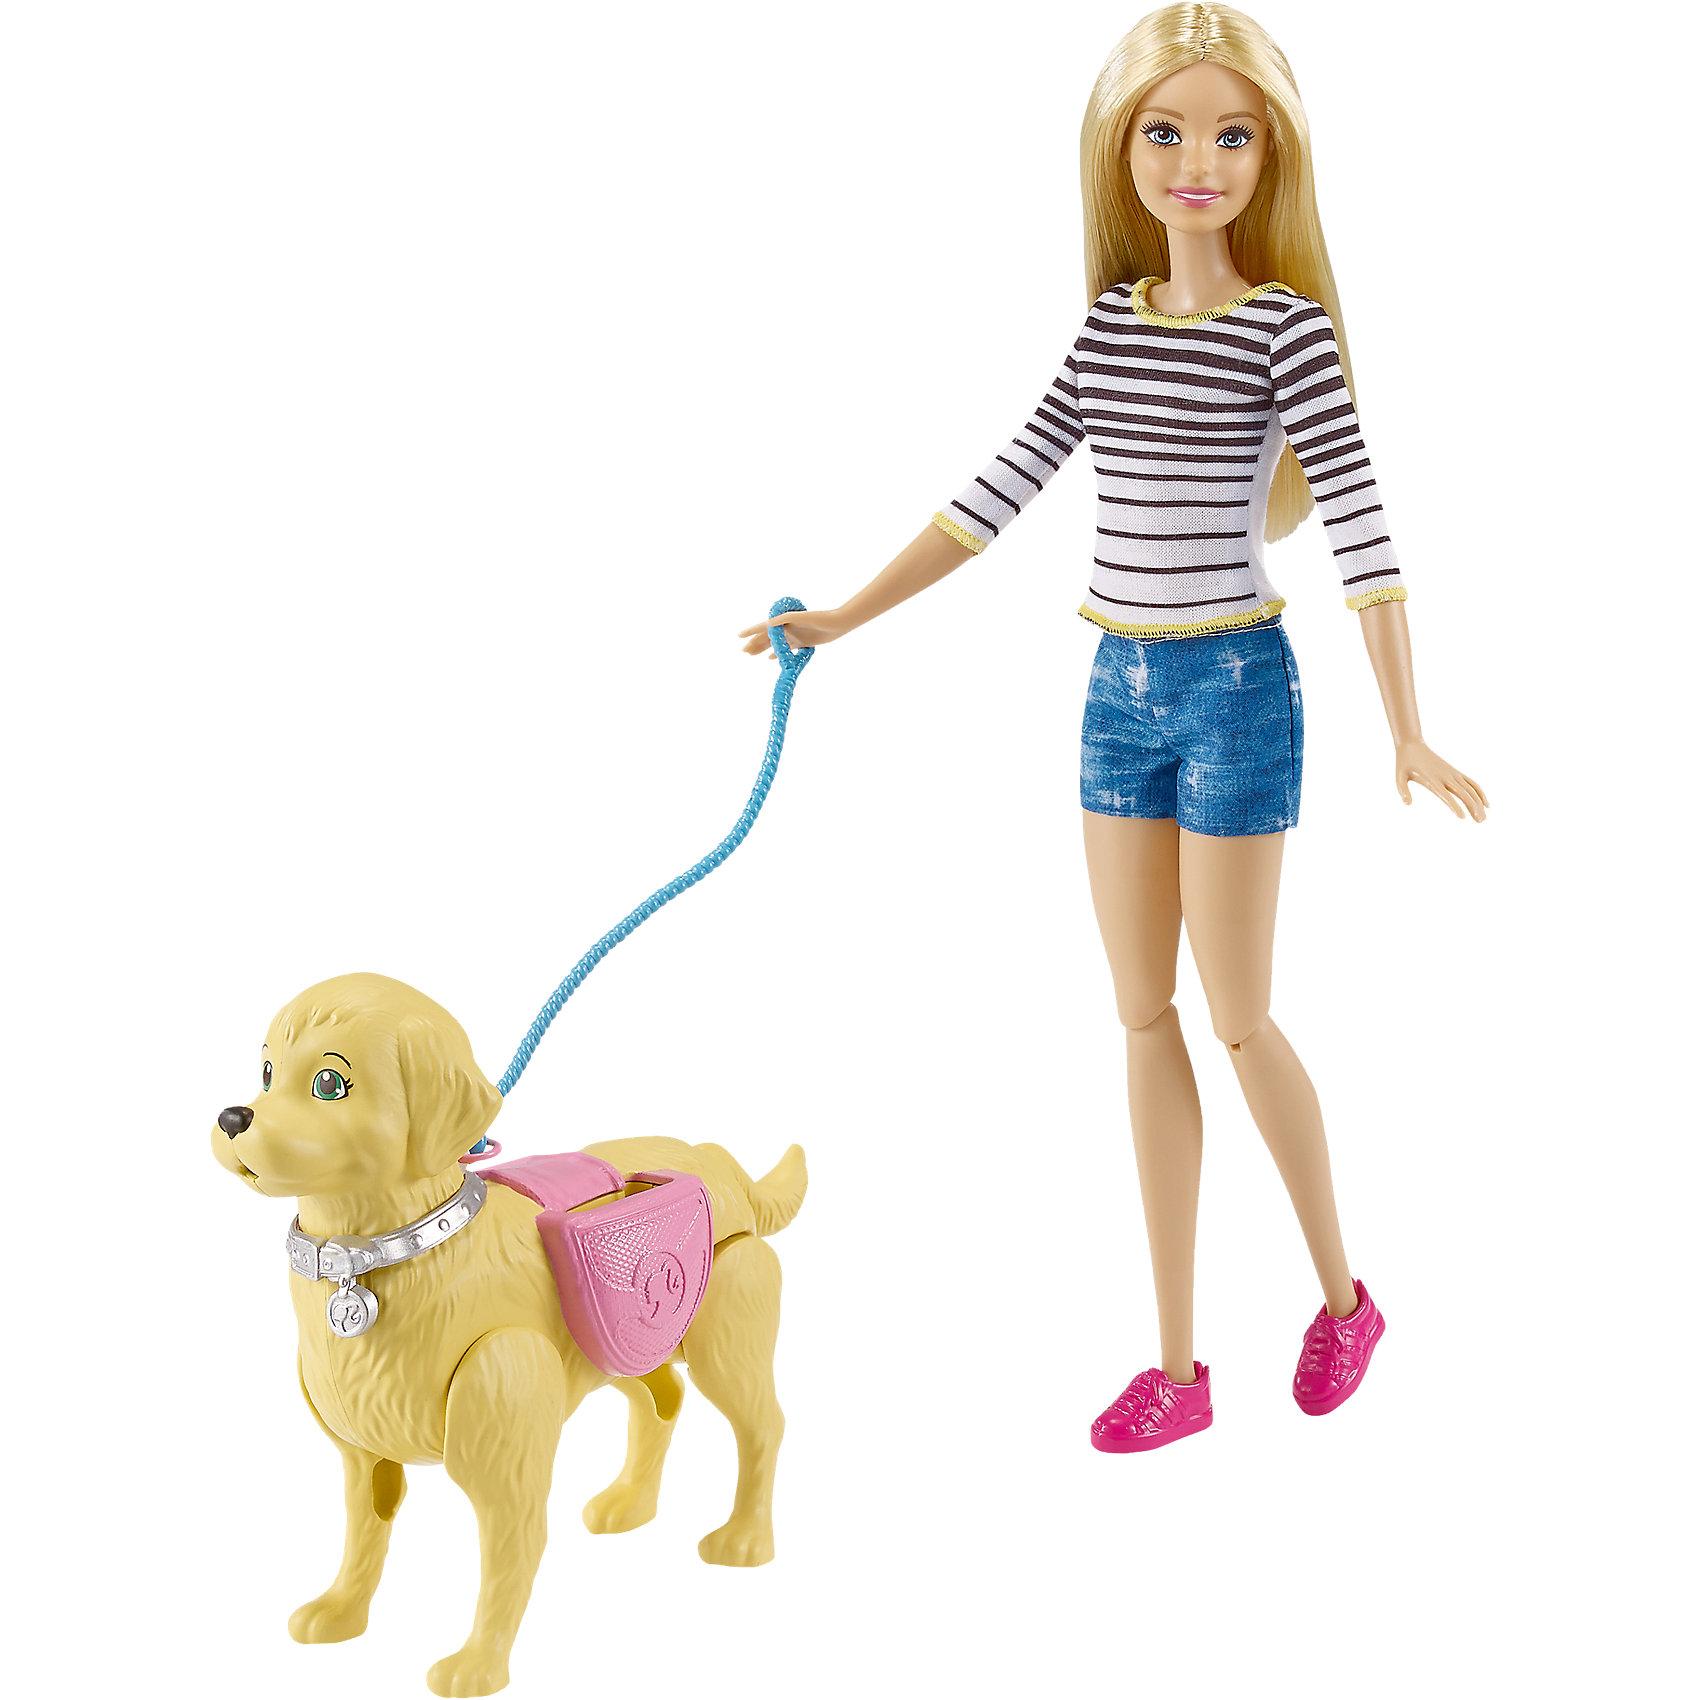 Игровой набор Прогулка с питомцем, BarbieИгровой набор Прогулка с питомцем, Barbie (Барби)<br><br>Характеристики:<br><br>• реалистичная прогулка с питомцем<br>• в комплекте: кукла, собака, аксессуары<br>• материал: пластик<br>• размер упаковки: 32х23х7 см<br>• вес: 360 грамм<br><br>Барби очень любит своего домашнего питомца, собаку, и не забывает заботиться о нем. Для прогулки она надела модный полосатый топ, удобные ботиночки и джинсовые шорты. Если собака захочет в туалет, достаточно нажать ей на хвостик. И не забудьте убрать за ней с помощью специального совочка и щетки! После прогулки послушного питомца можно наградить вкусной косточкой и налить воды в миску. Большое количество аксессуаров придаст игре еще больше реалистичности и девочка сможет научиться ухаживать за домашними животными.<br><br>Игровой набор Прогулка с питомцем, Barbie (Барби) вы можете купить в нашем интернет-магазине.<br><br>Ширина мм: 326<br>Глубина мм: 231<br>Высота мм: 73<br>Вес г: 361<br>Возраст от месяцев: 36<br>Возраст до месяцев: 72<br>Пол: Женский<br>Возраст: Детский<br>SKU: 5089088